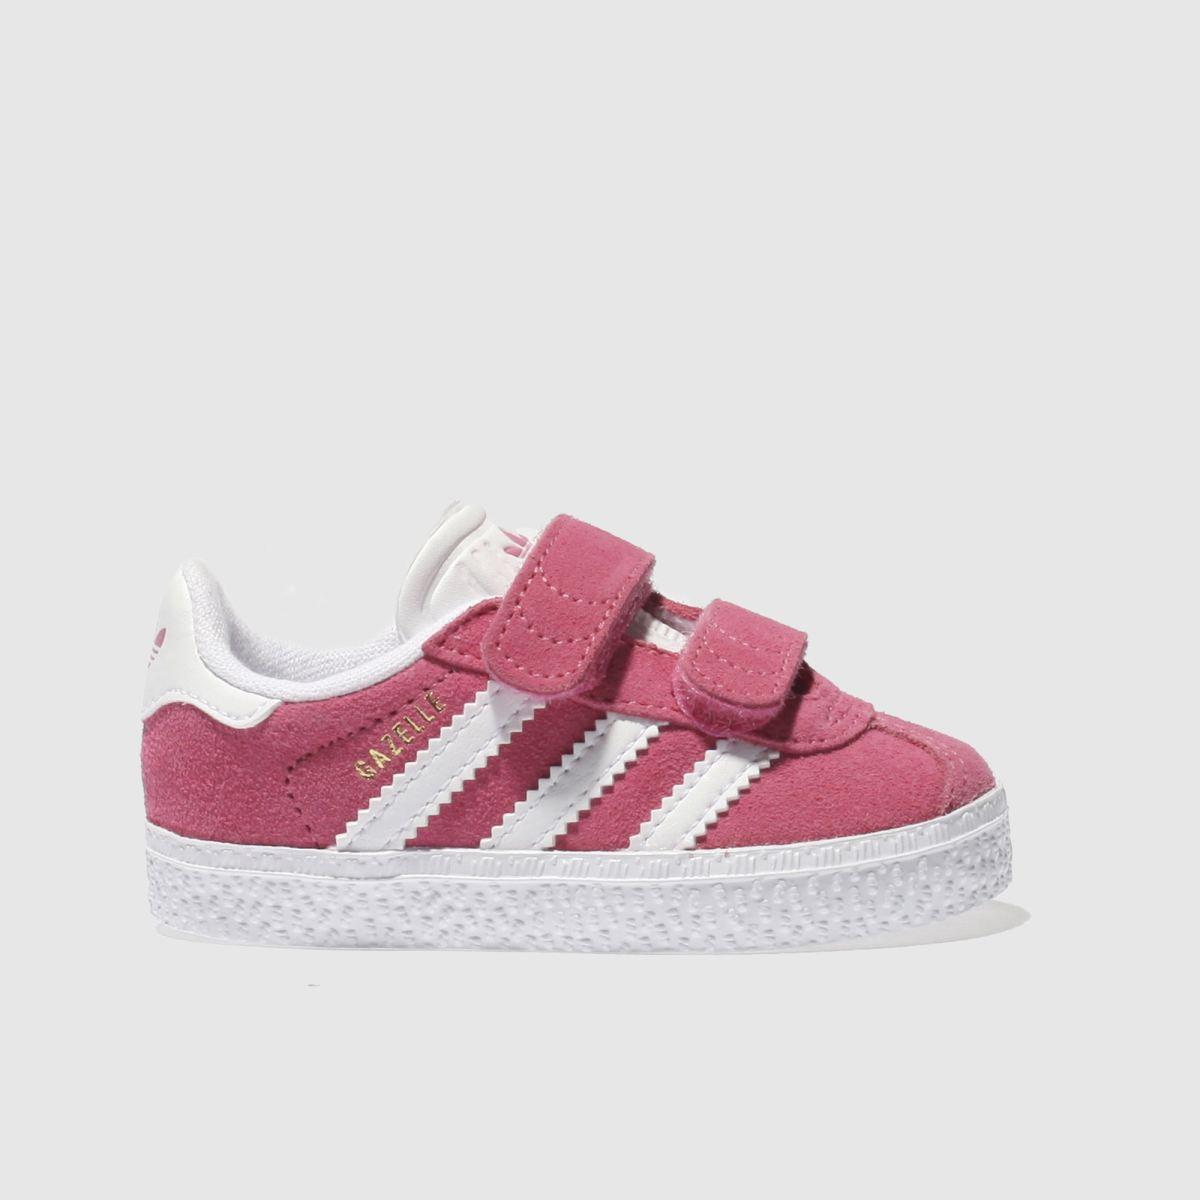 Adidas Pink Gazelle Girls Toddler Toddler